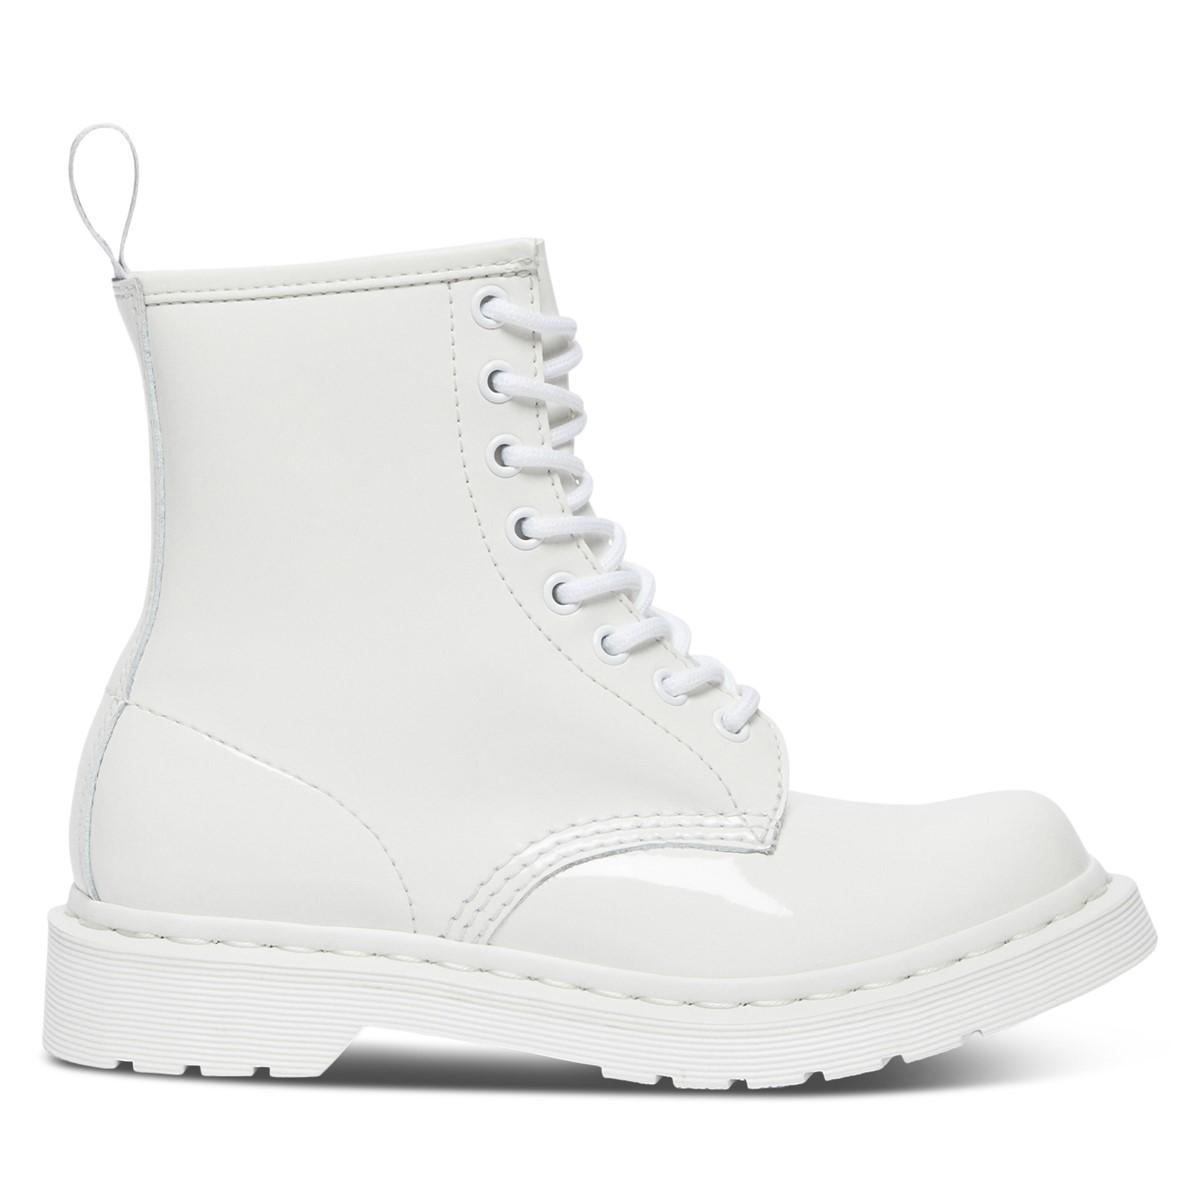 Women's 1460 Mono Patent Boots in White